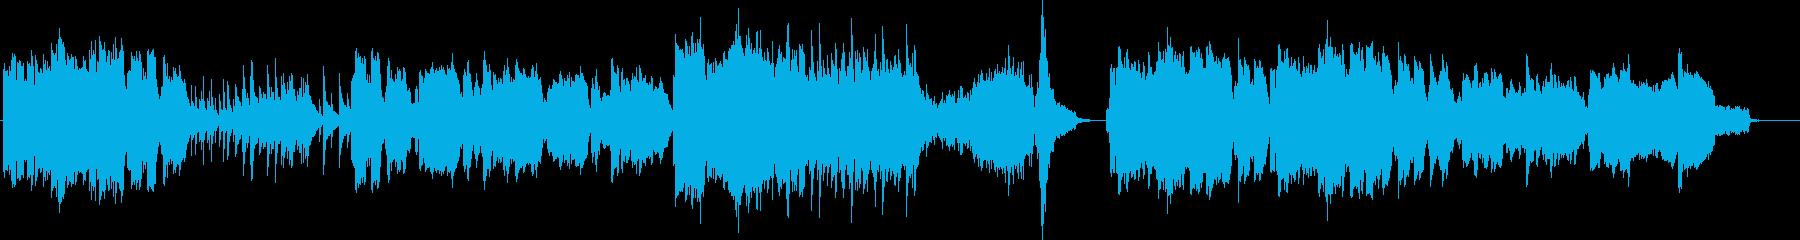 ドラマの感動的なシーンで流れるピアノ曲…の再生済みの波形